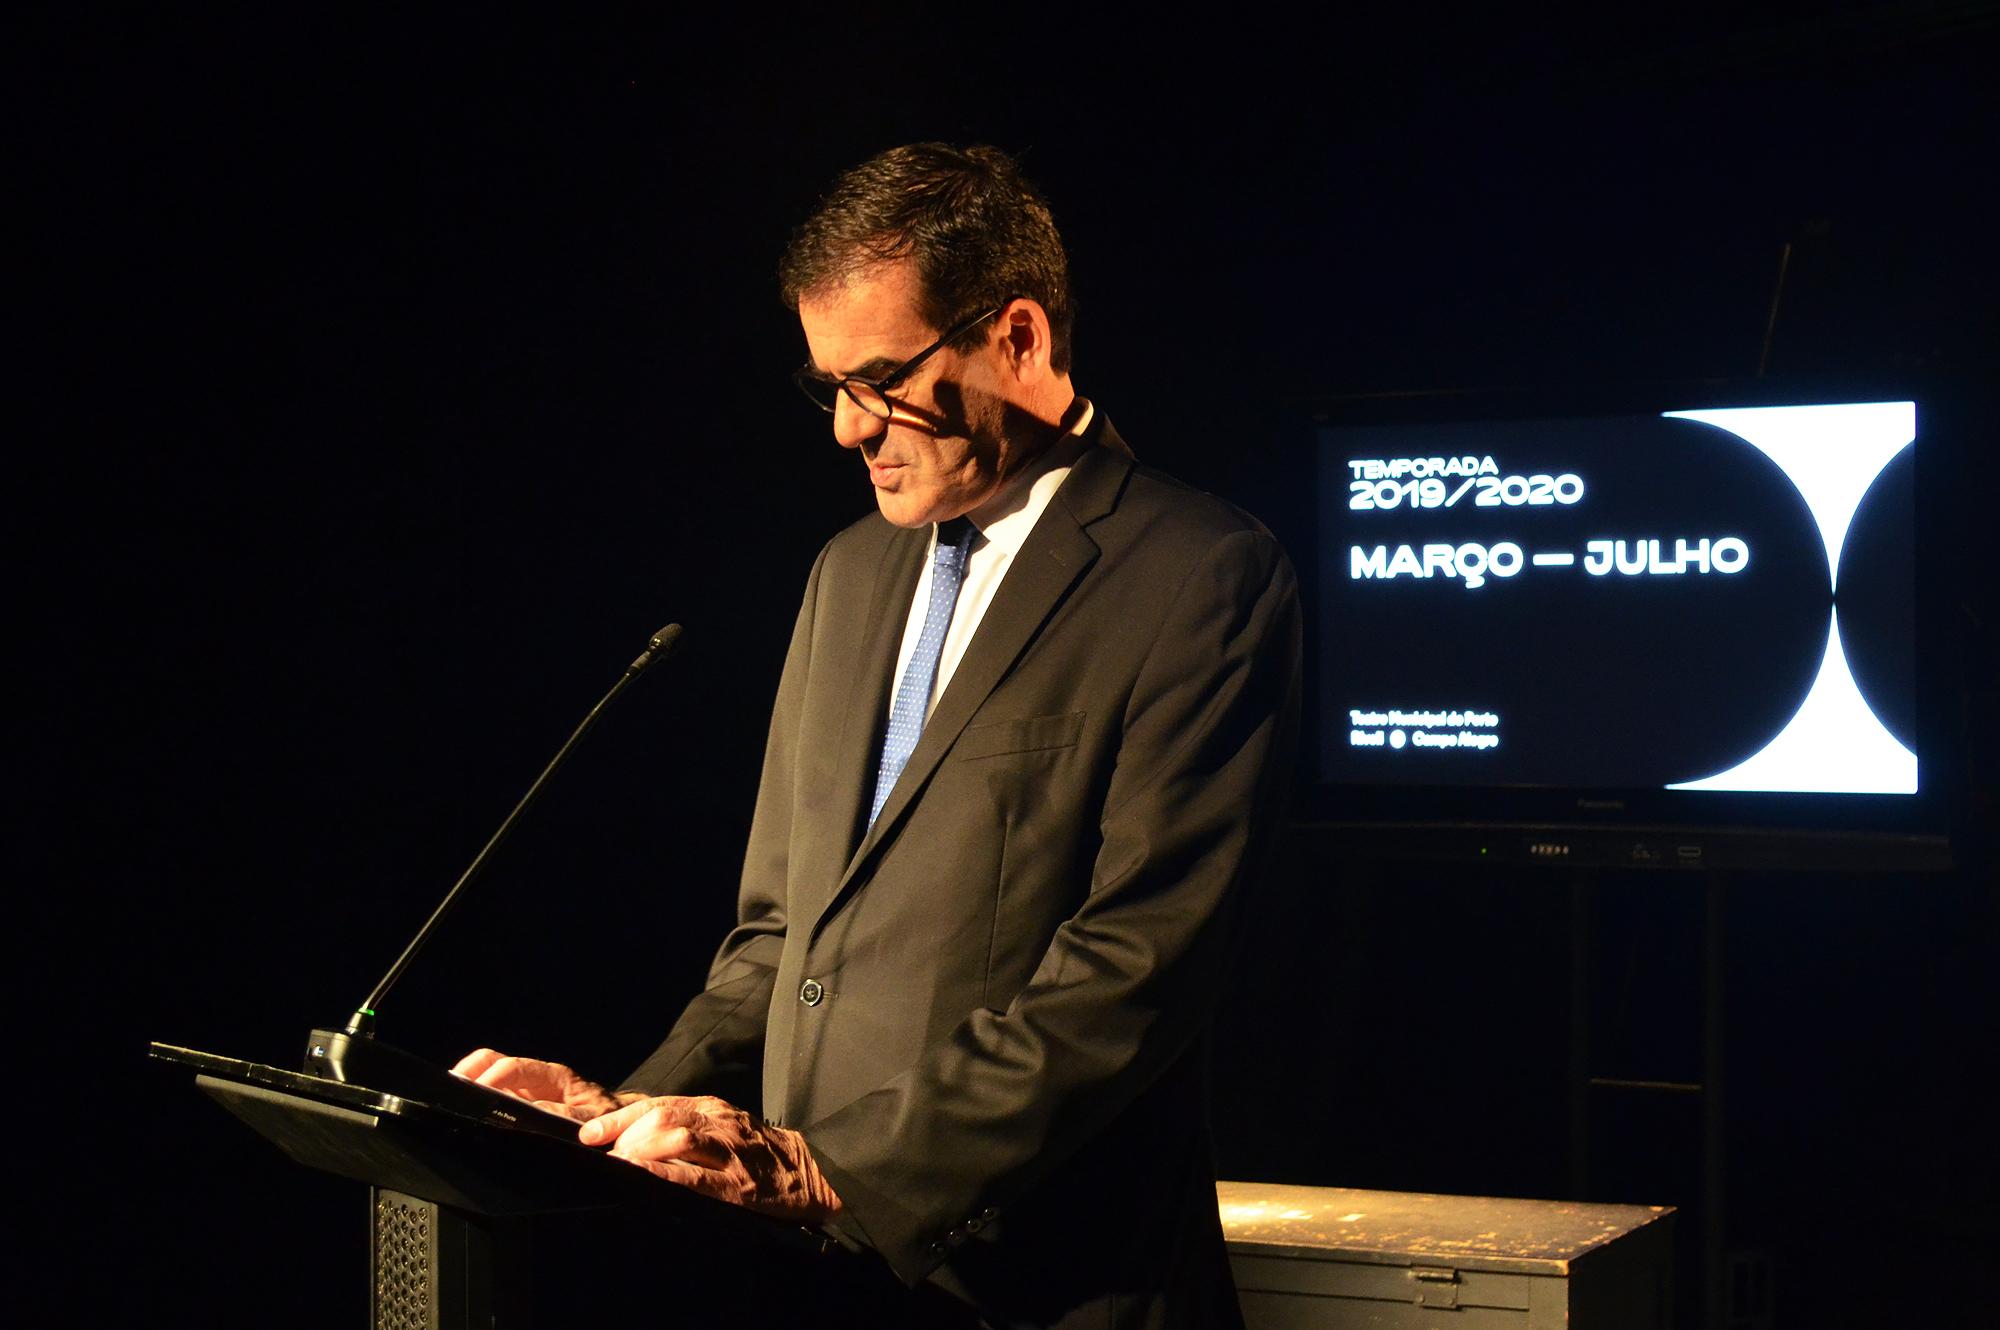 Rui Moreira, autarca do Porto, marcou presença na apresentação da programação do TMP entre março e julho.